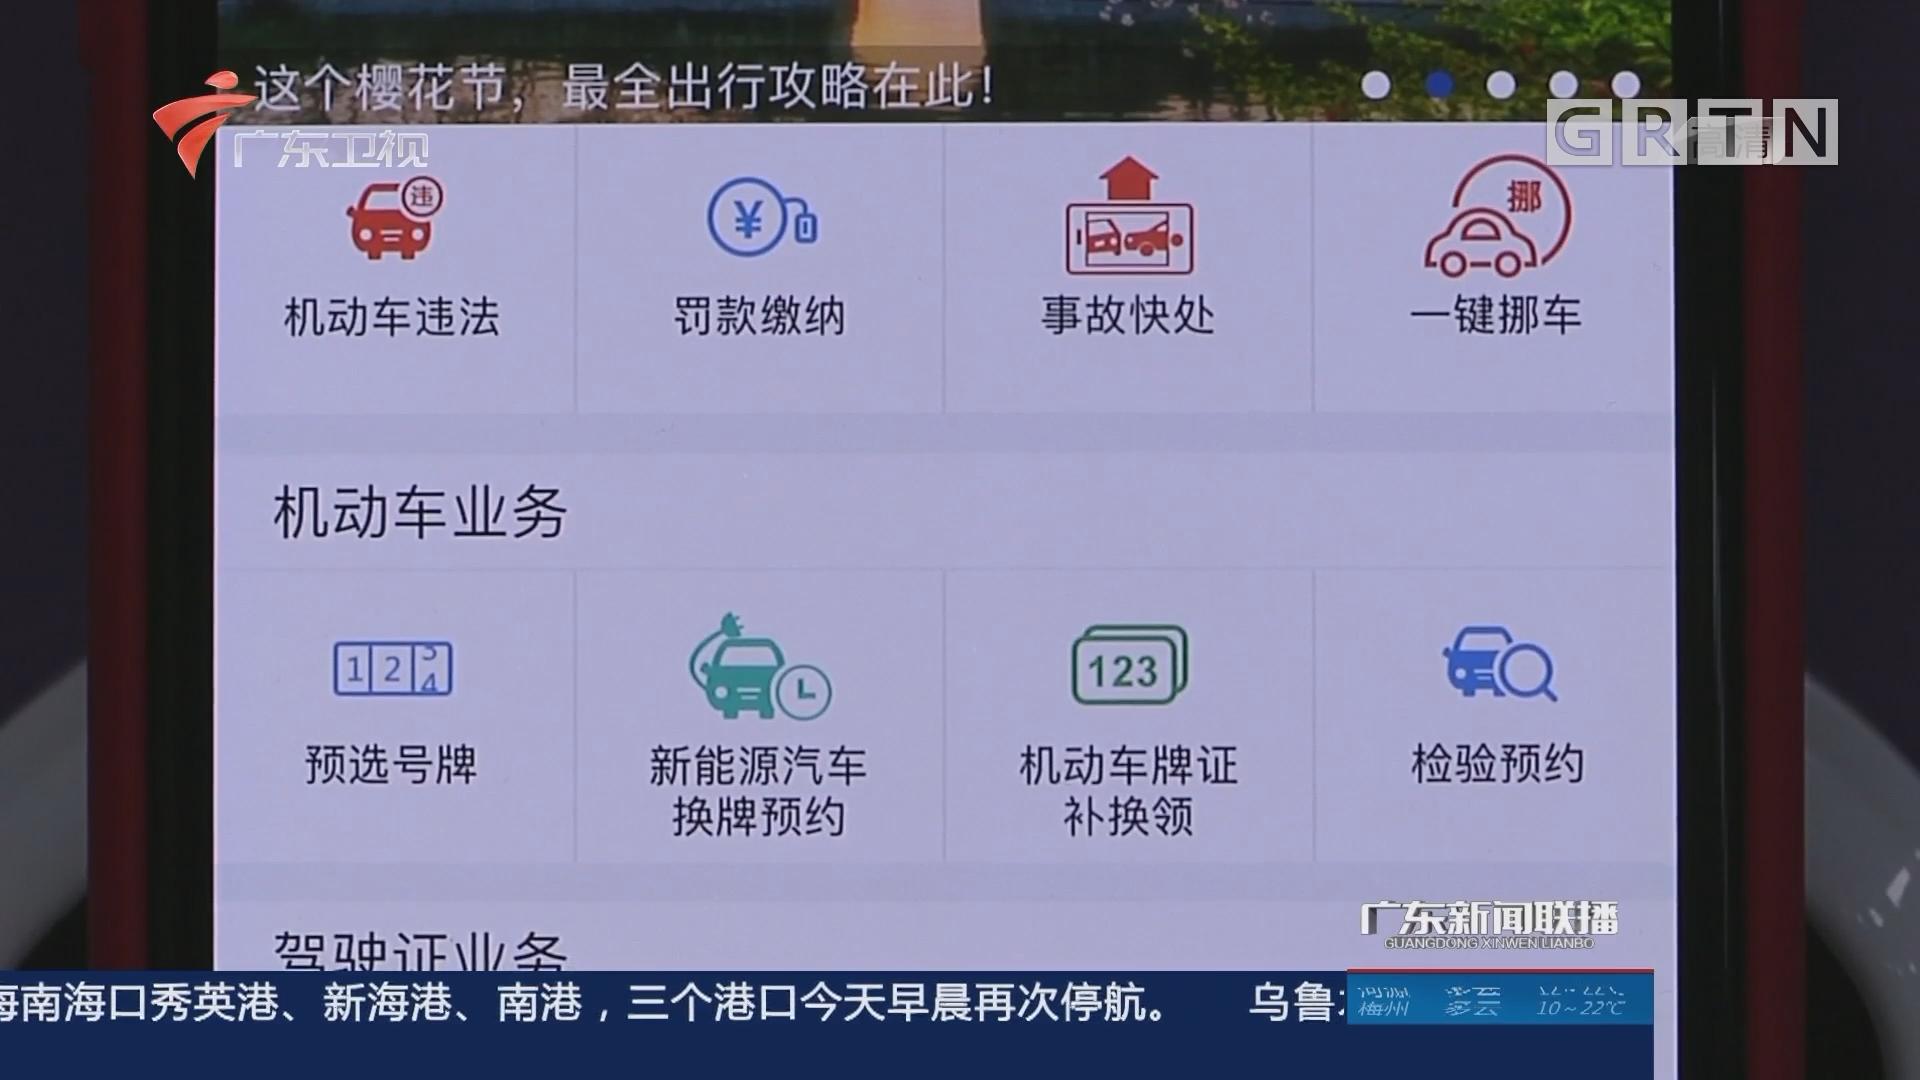 驾照销分新规:新增网上处理 非本人名下机动车交通违法渠道